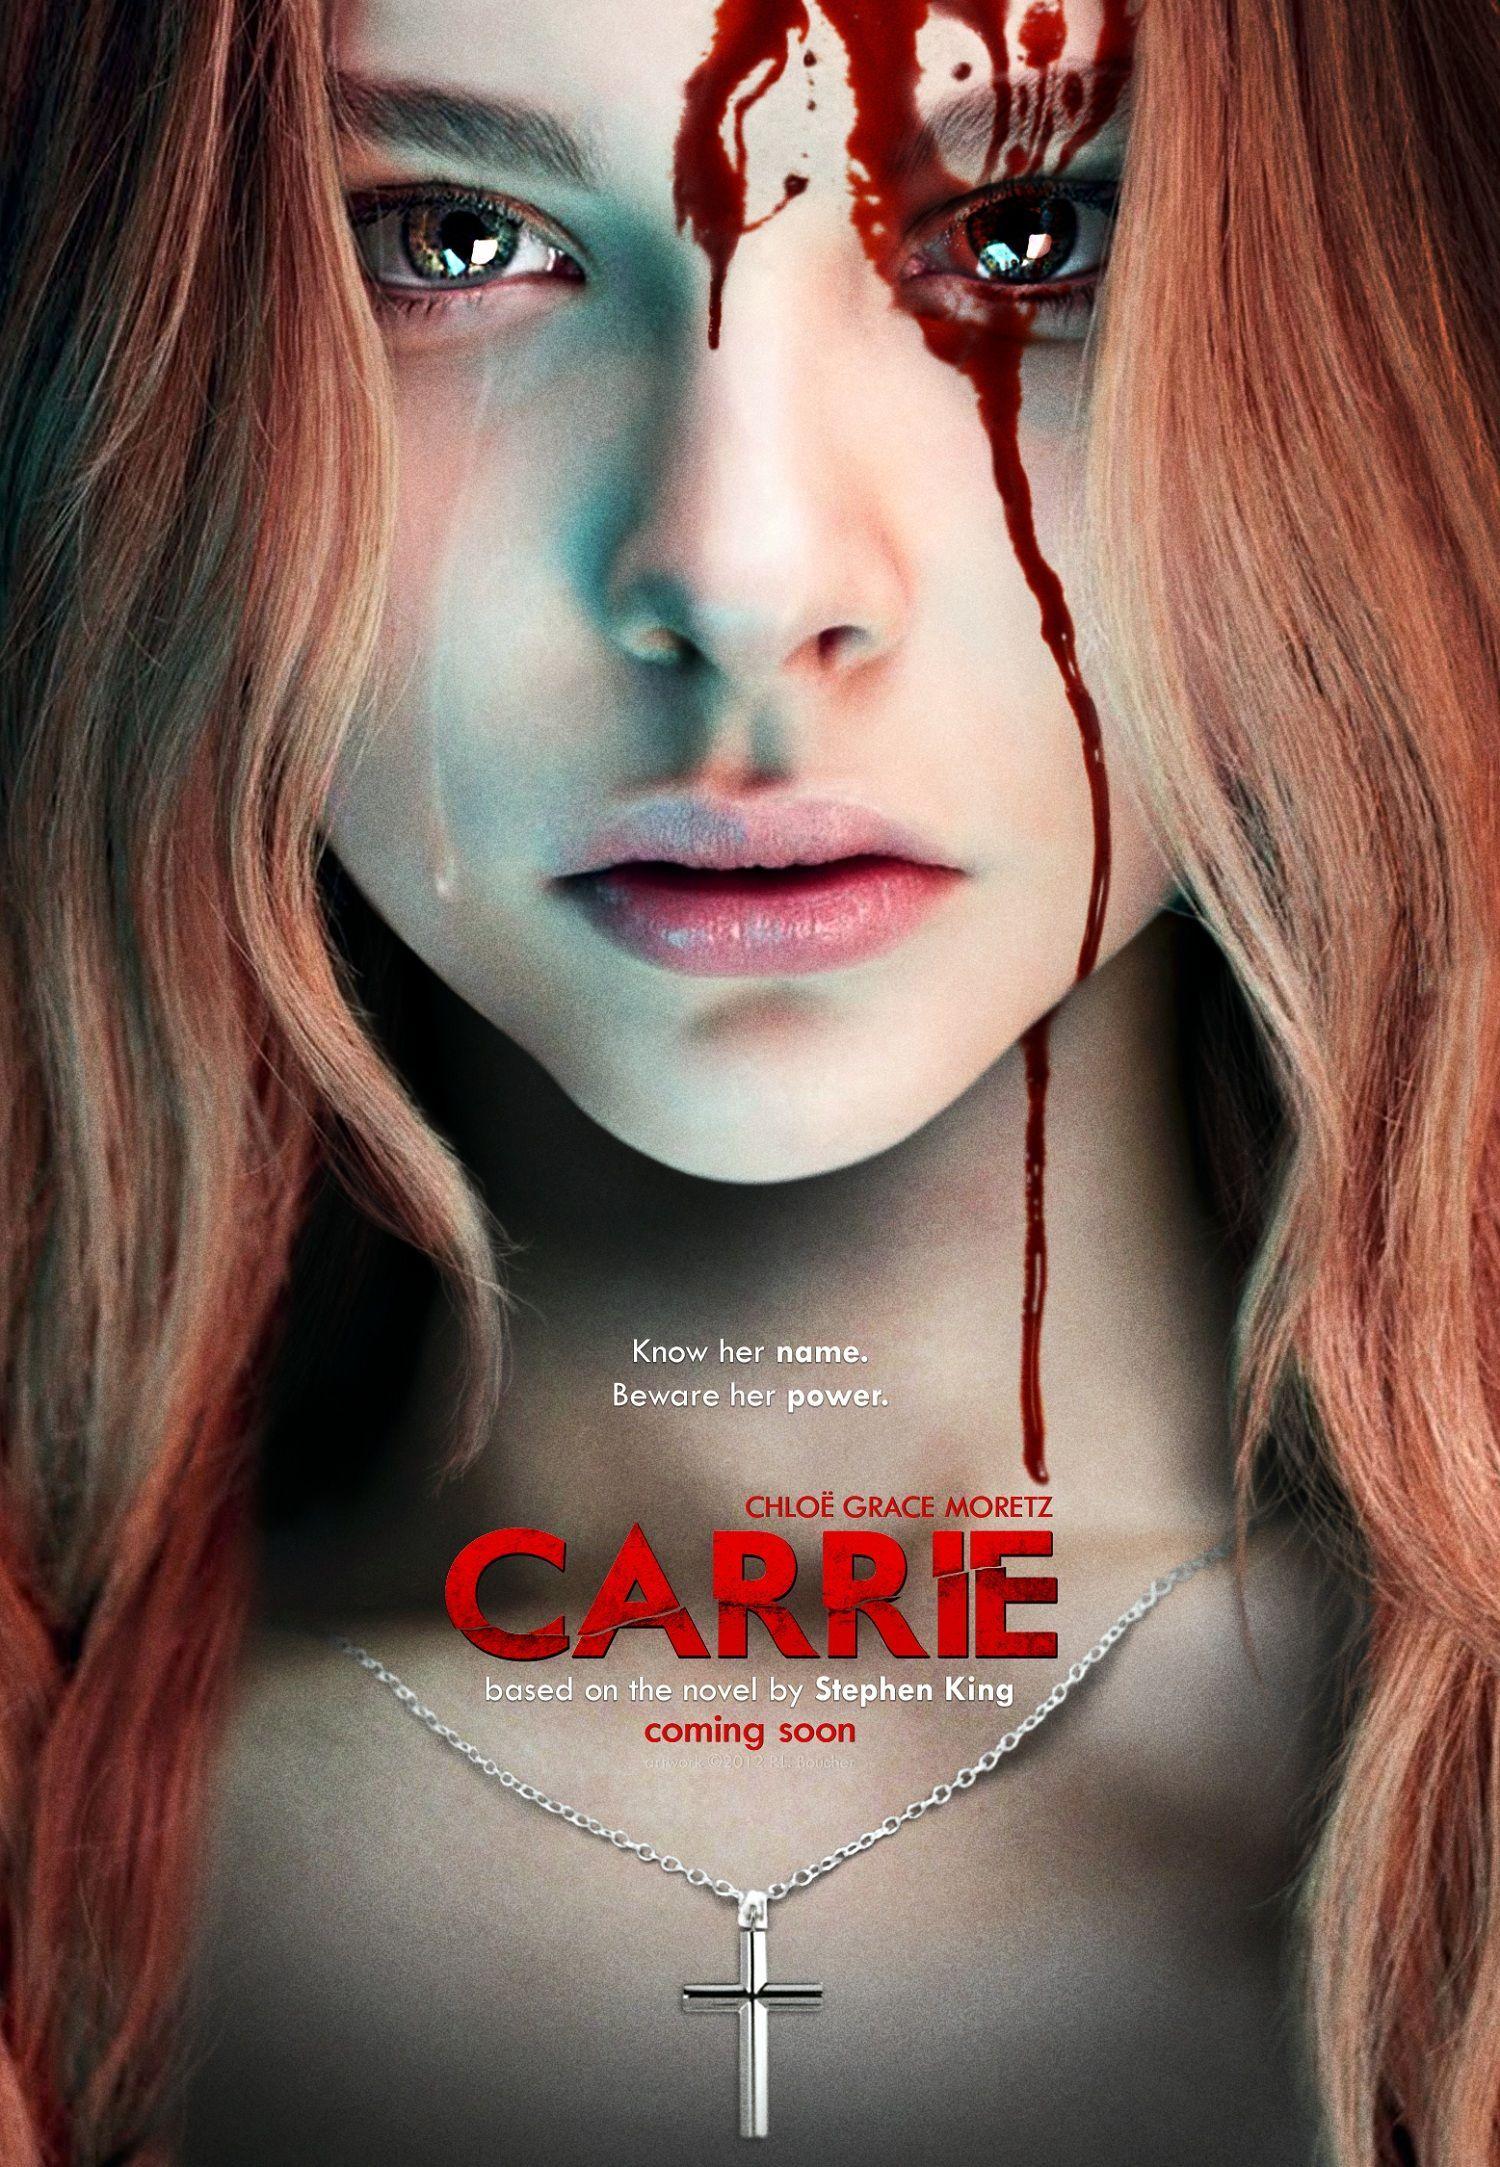 Carrie 2013 Foto I Love Terror Ver Peliculas Peliculas De Miedo Y Portadas De Peliculas